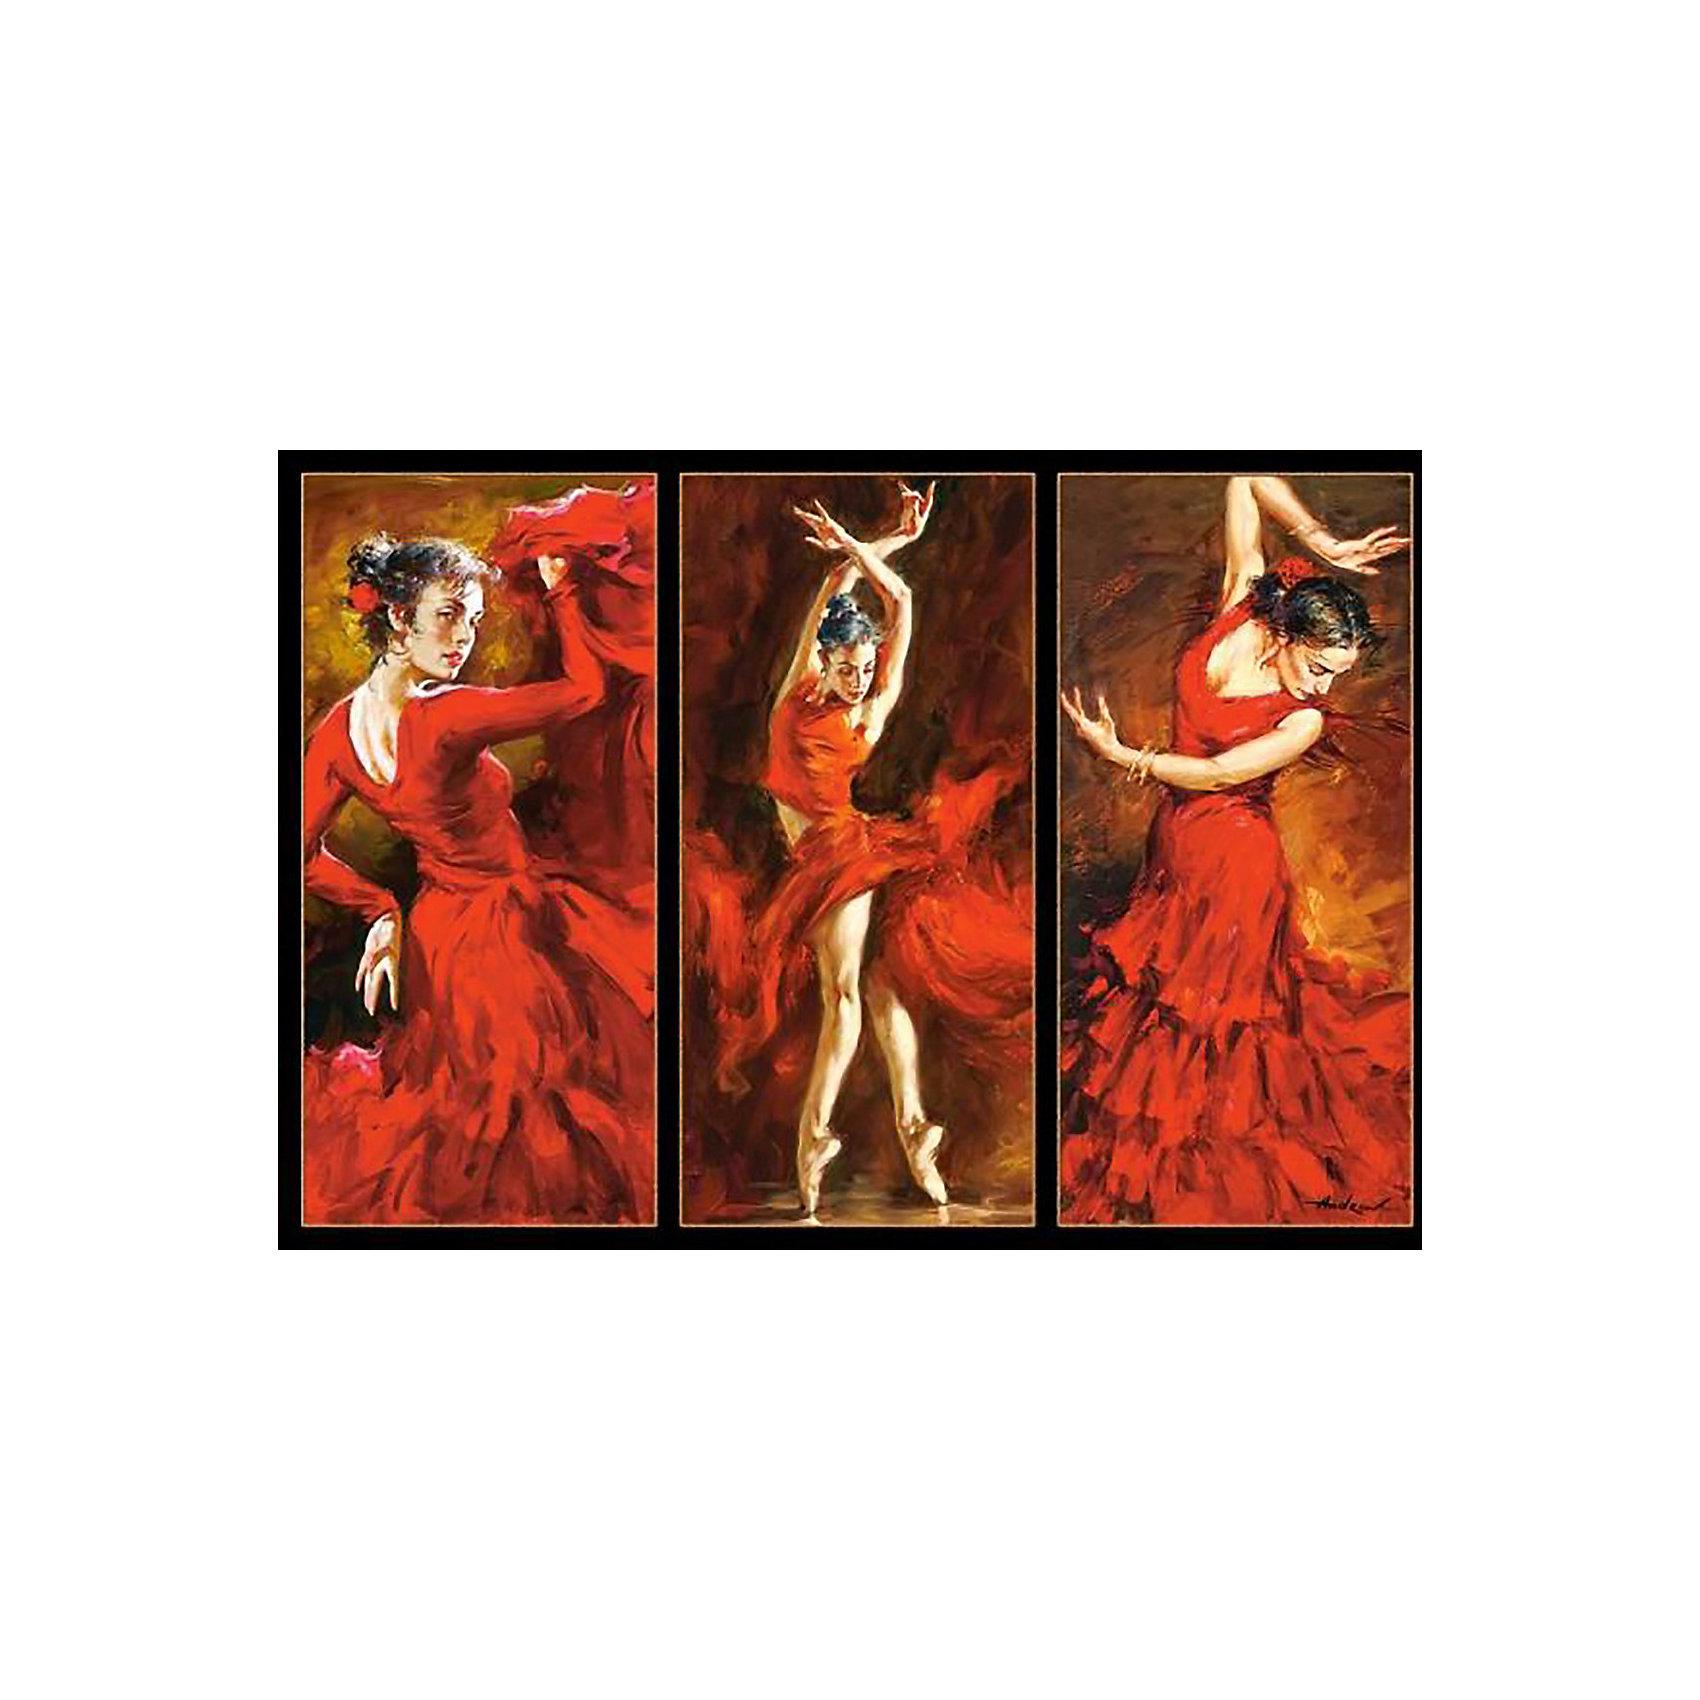 Пазл Танцы, 1000 деталей, CastorlandКлассические пазлы<br>Пазл «Танцы» - яркий и зажигательный триптих на тему фламенко. Насыщенная цветовая гамма выражает бурю эмоций в каждом движении танцовщицы. Картина состоит из 1000 элементов, каждый из которых выполнен  из плотного картона, благодаря чему работать с ними легко и просто. Готовая картина станет оригинальным украшением квартиры и поразит Ваших гостей своим великолепием и качественным исполнением.<br><br>Дополнительная информация:<br><br>- Уникальное качество деталей;<br>- Развивает: воображение, логику, мелкую моторику, память;<br>- Чудесное украшение интерьера;<br>- Прекрасная полиграфия;<br>- Размеры: 24,9 x 34,8 x 5,1 см;<br>- Размер готовой картинки: 68 х 47 см;<br>- Вес: 0,5 кг.<br><br>Пазл « Танцы», 1000 деталей, Castorland (Касторленд)  можно купить в нашем интернет-магазине.<br><br>Ширина мм: 350<br>Глубина мм: 50<br>Высота мм: 250<br>Вес г: 500<br>Возраст от месяцев: 168<br>Возраст до месяцев: 1188<br>Пол: Унисекс<br>Возраст: Детский<br>Количество деталей: 1000<br>SKU: 3849114